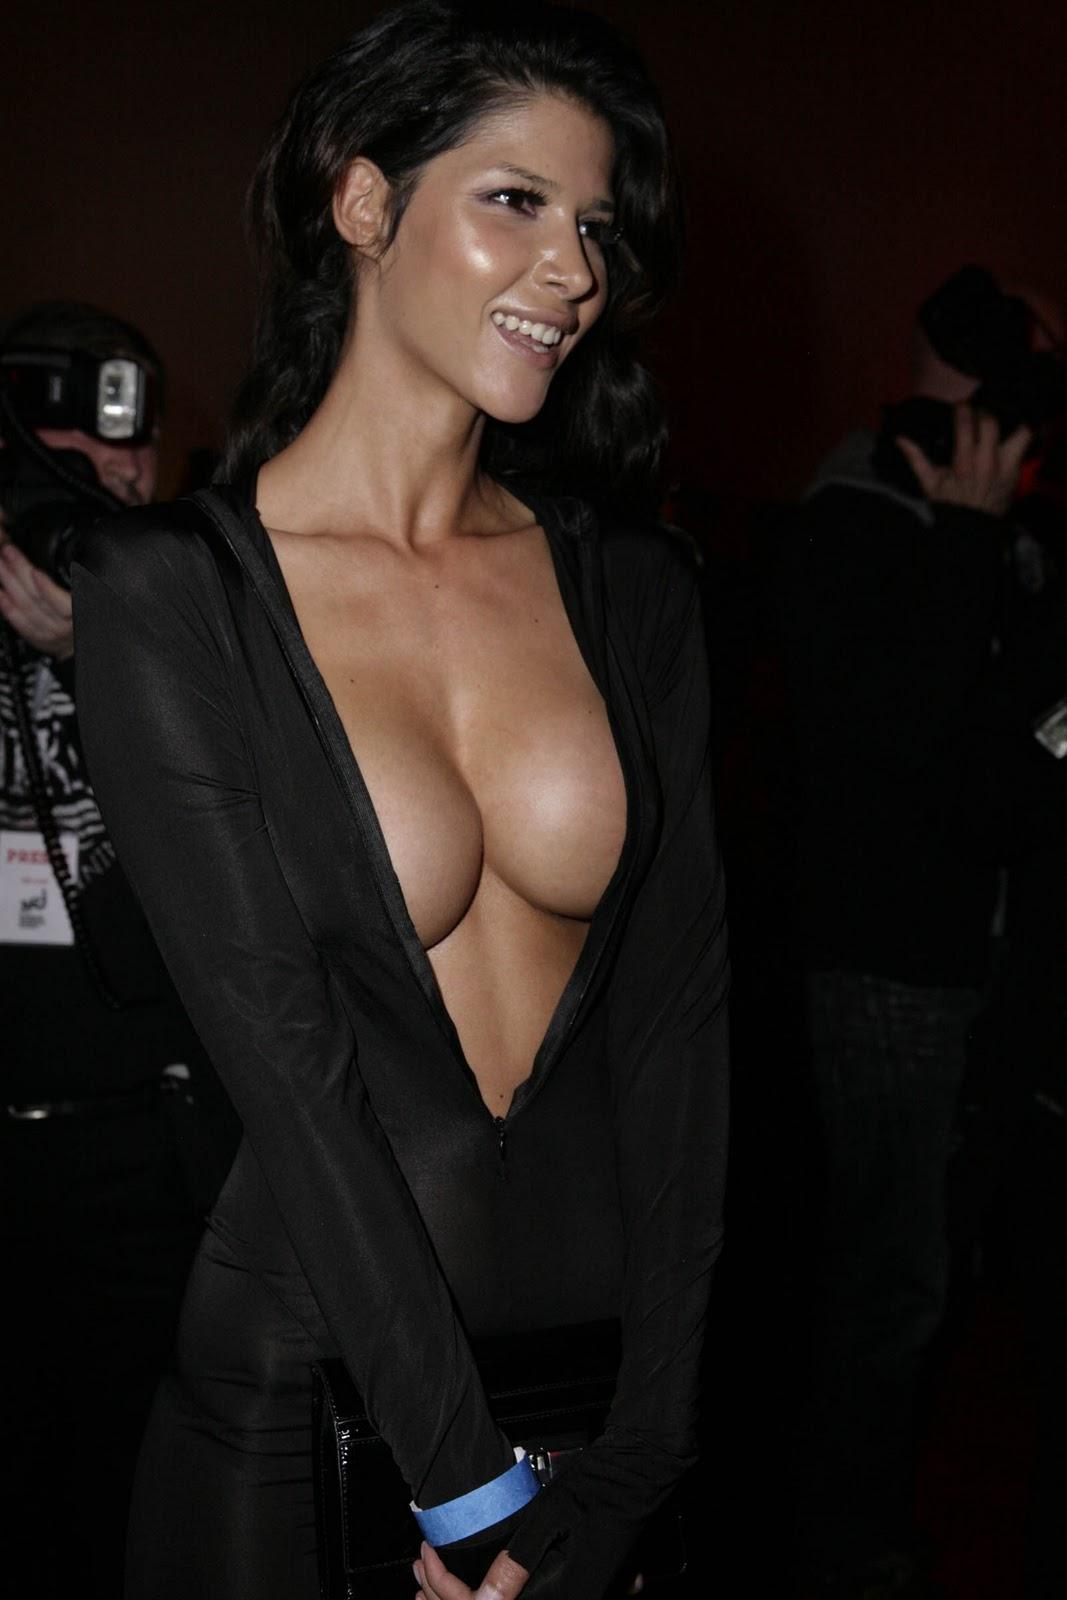 Sideboobs Micaela Schafer nude photos 2019